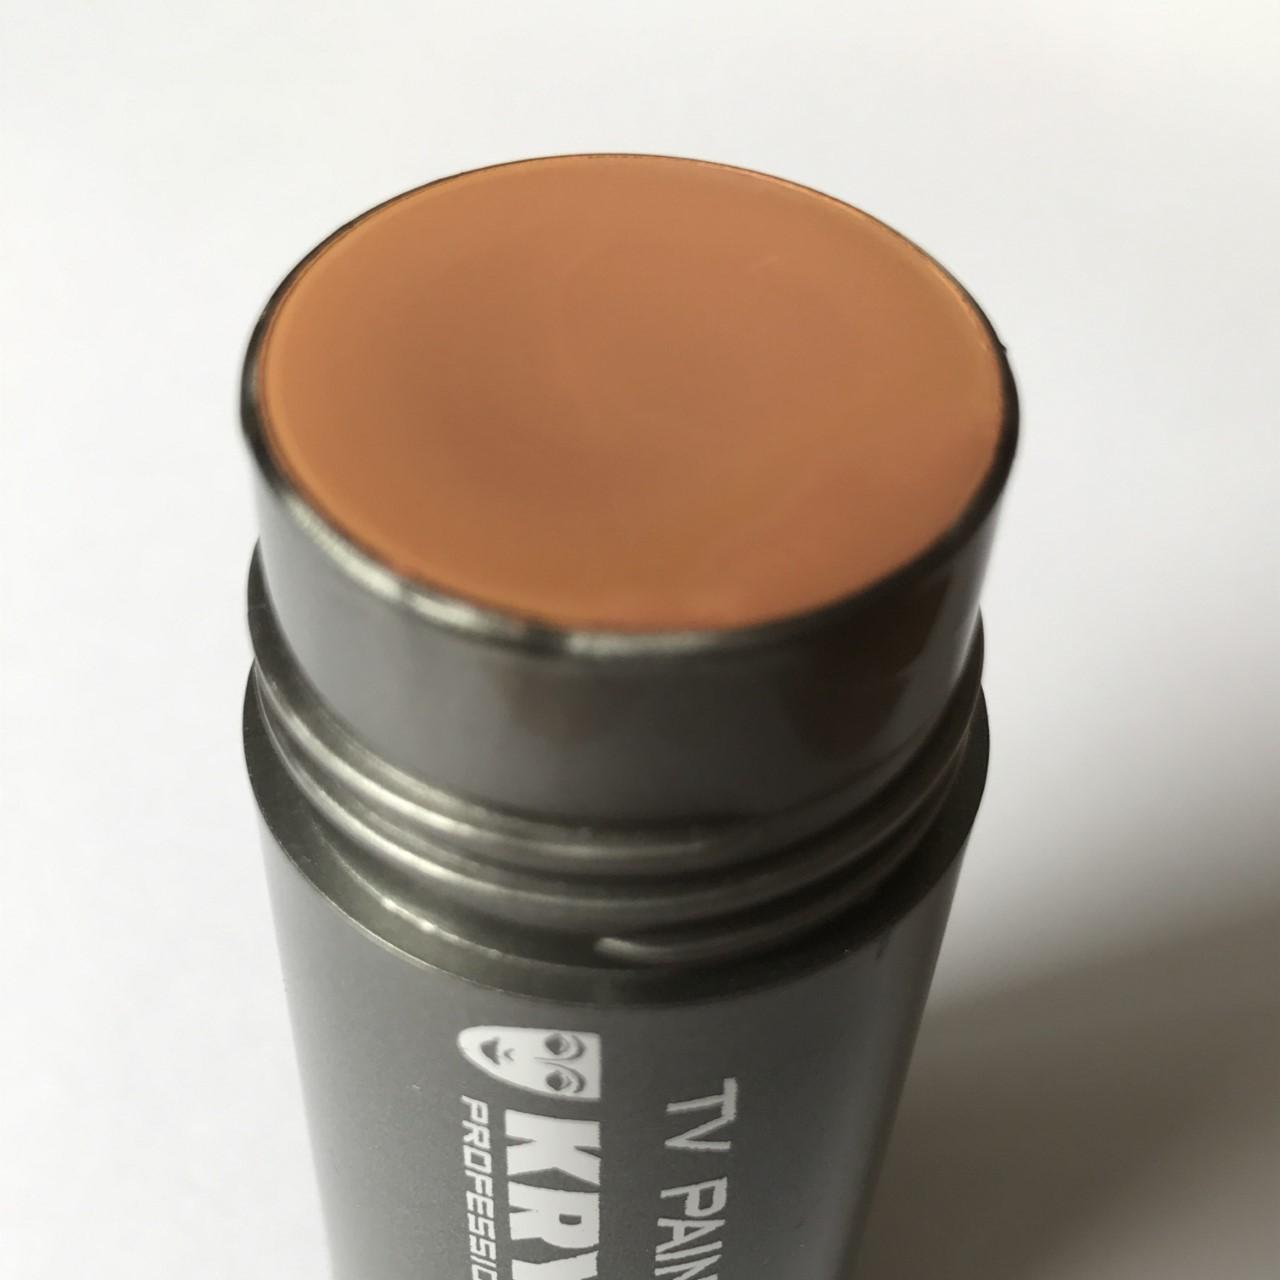 Maquillage kryolan paint stick 5047 w6